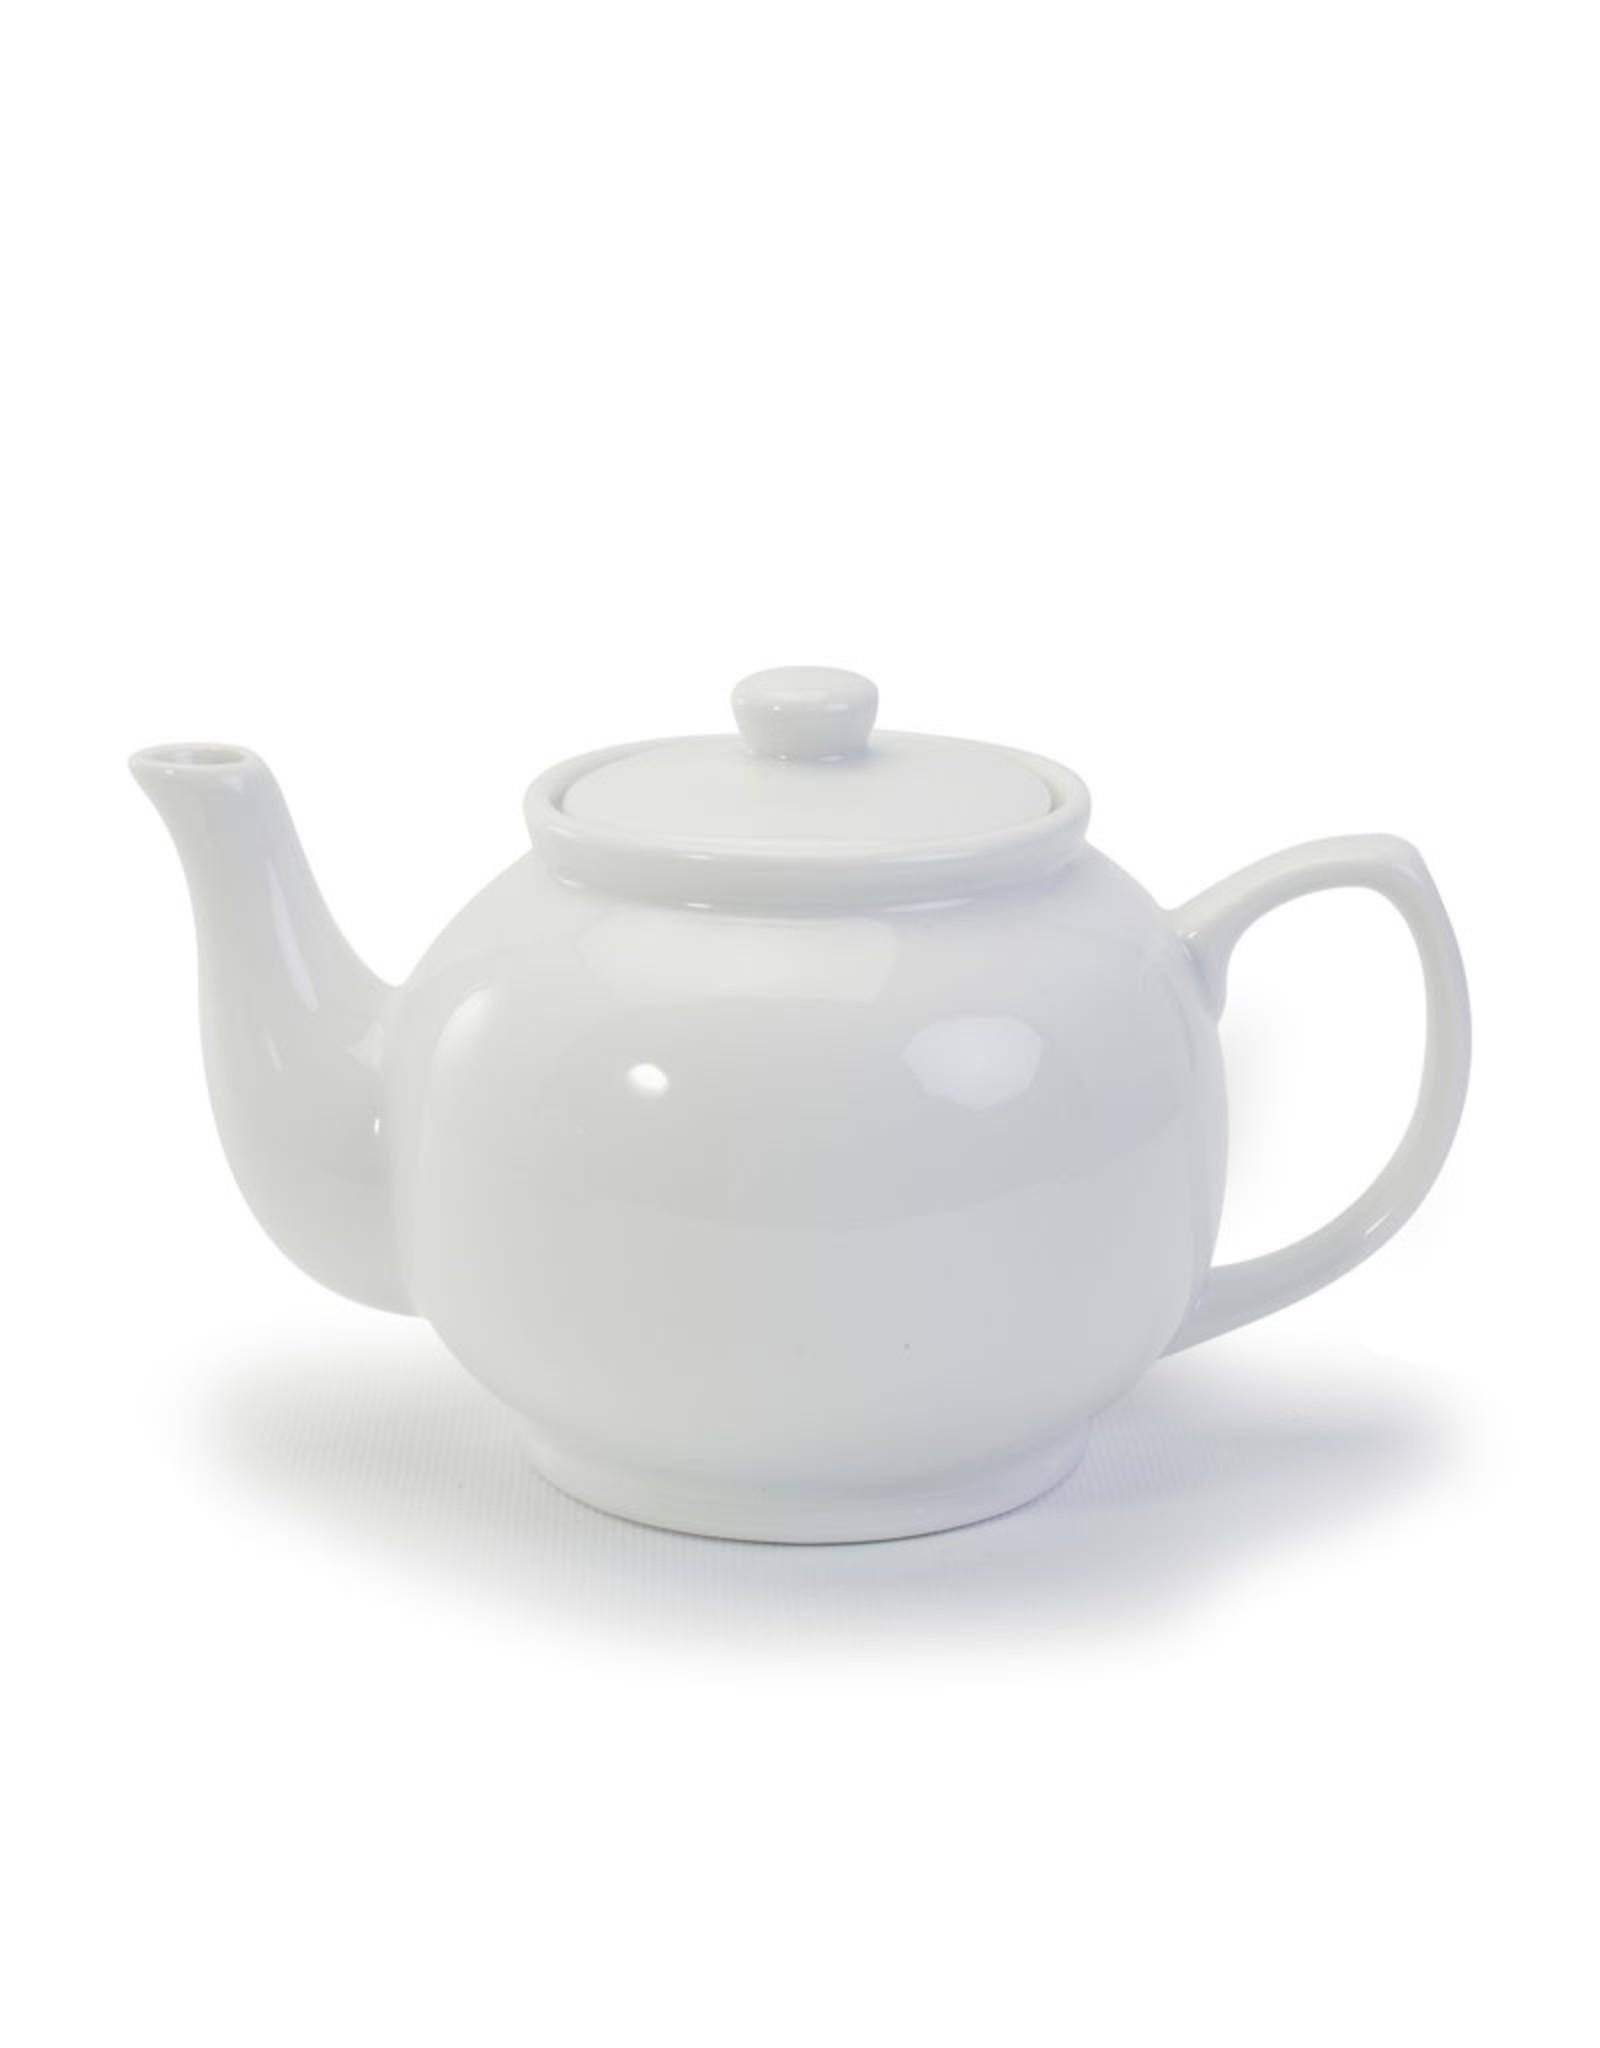 Bia BIA Cordon Bleu - Teapot